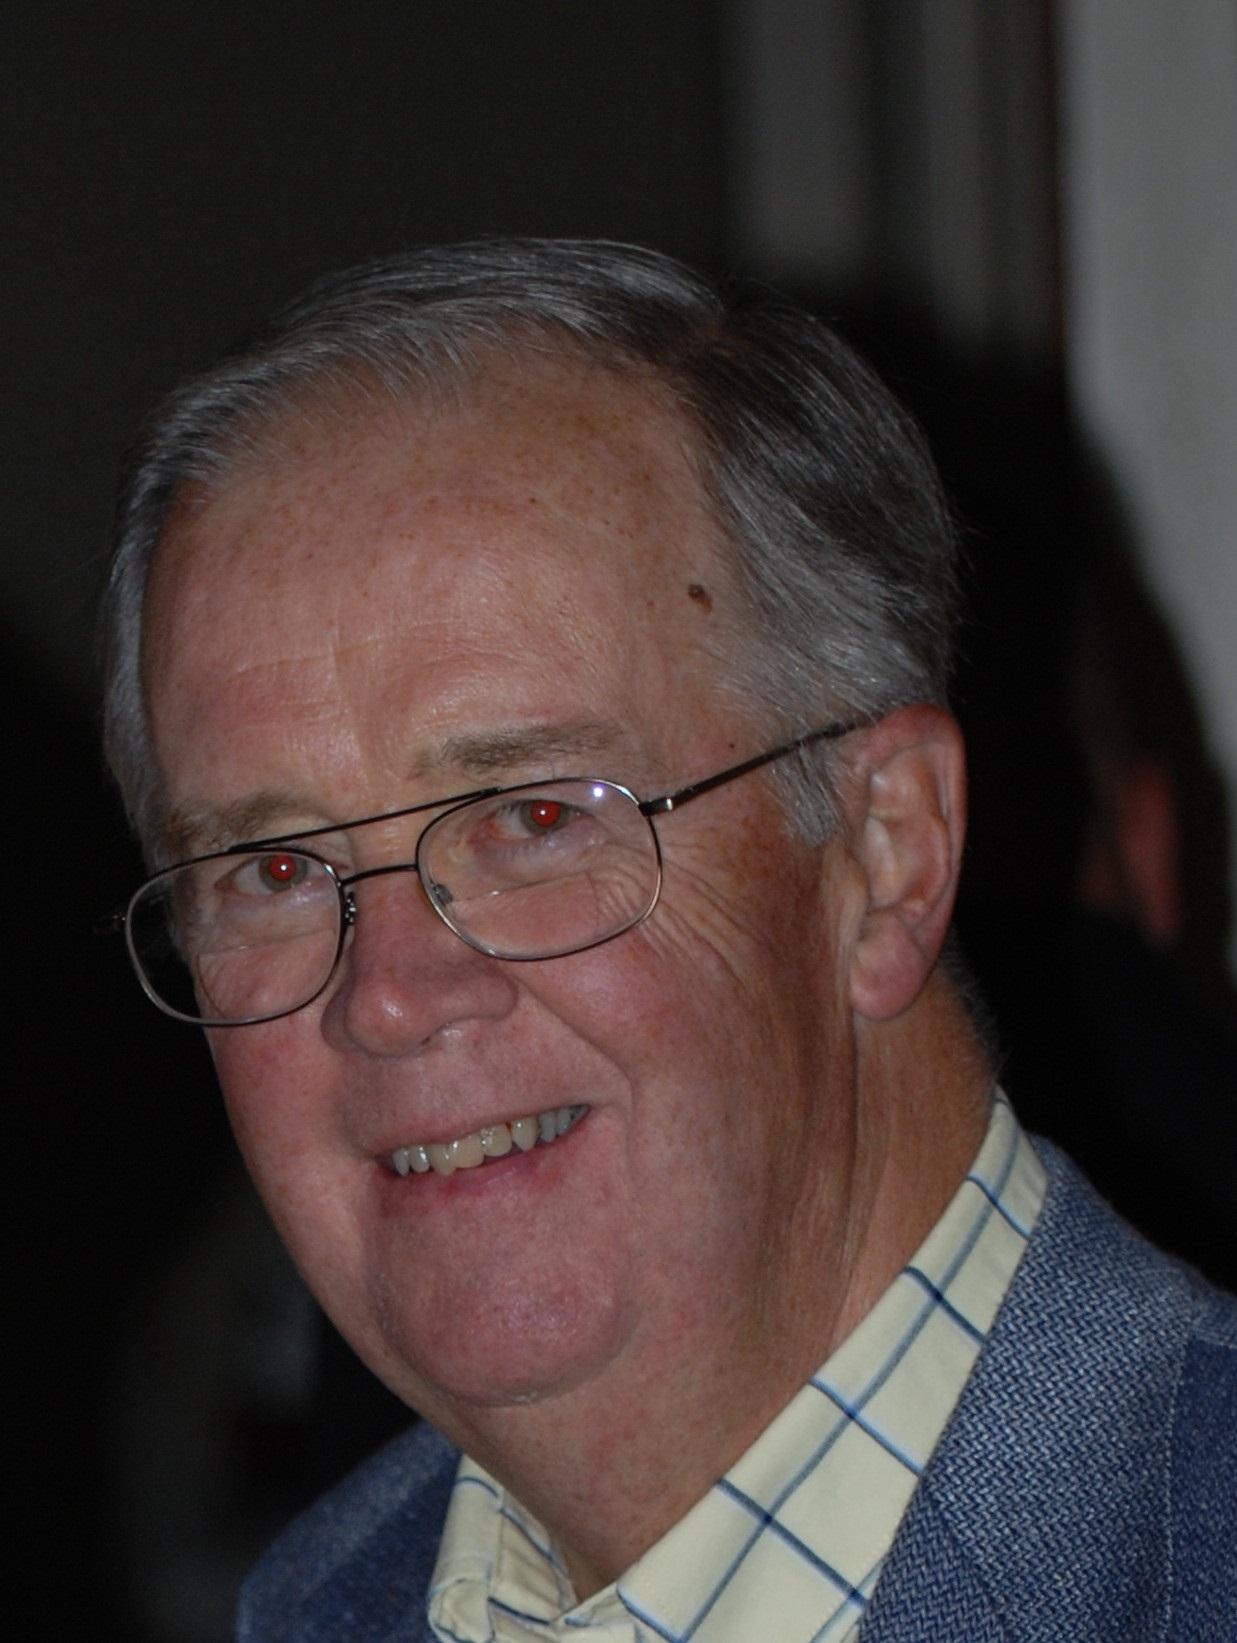 David L. Mathias